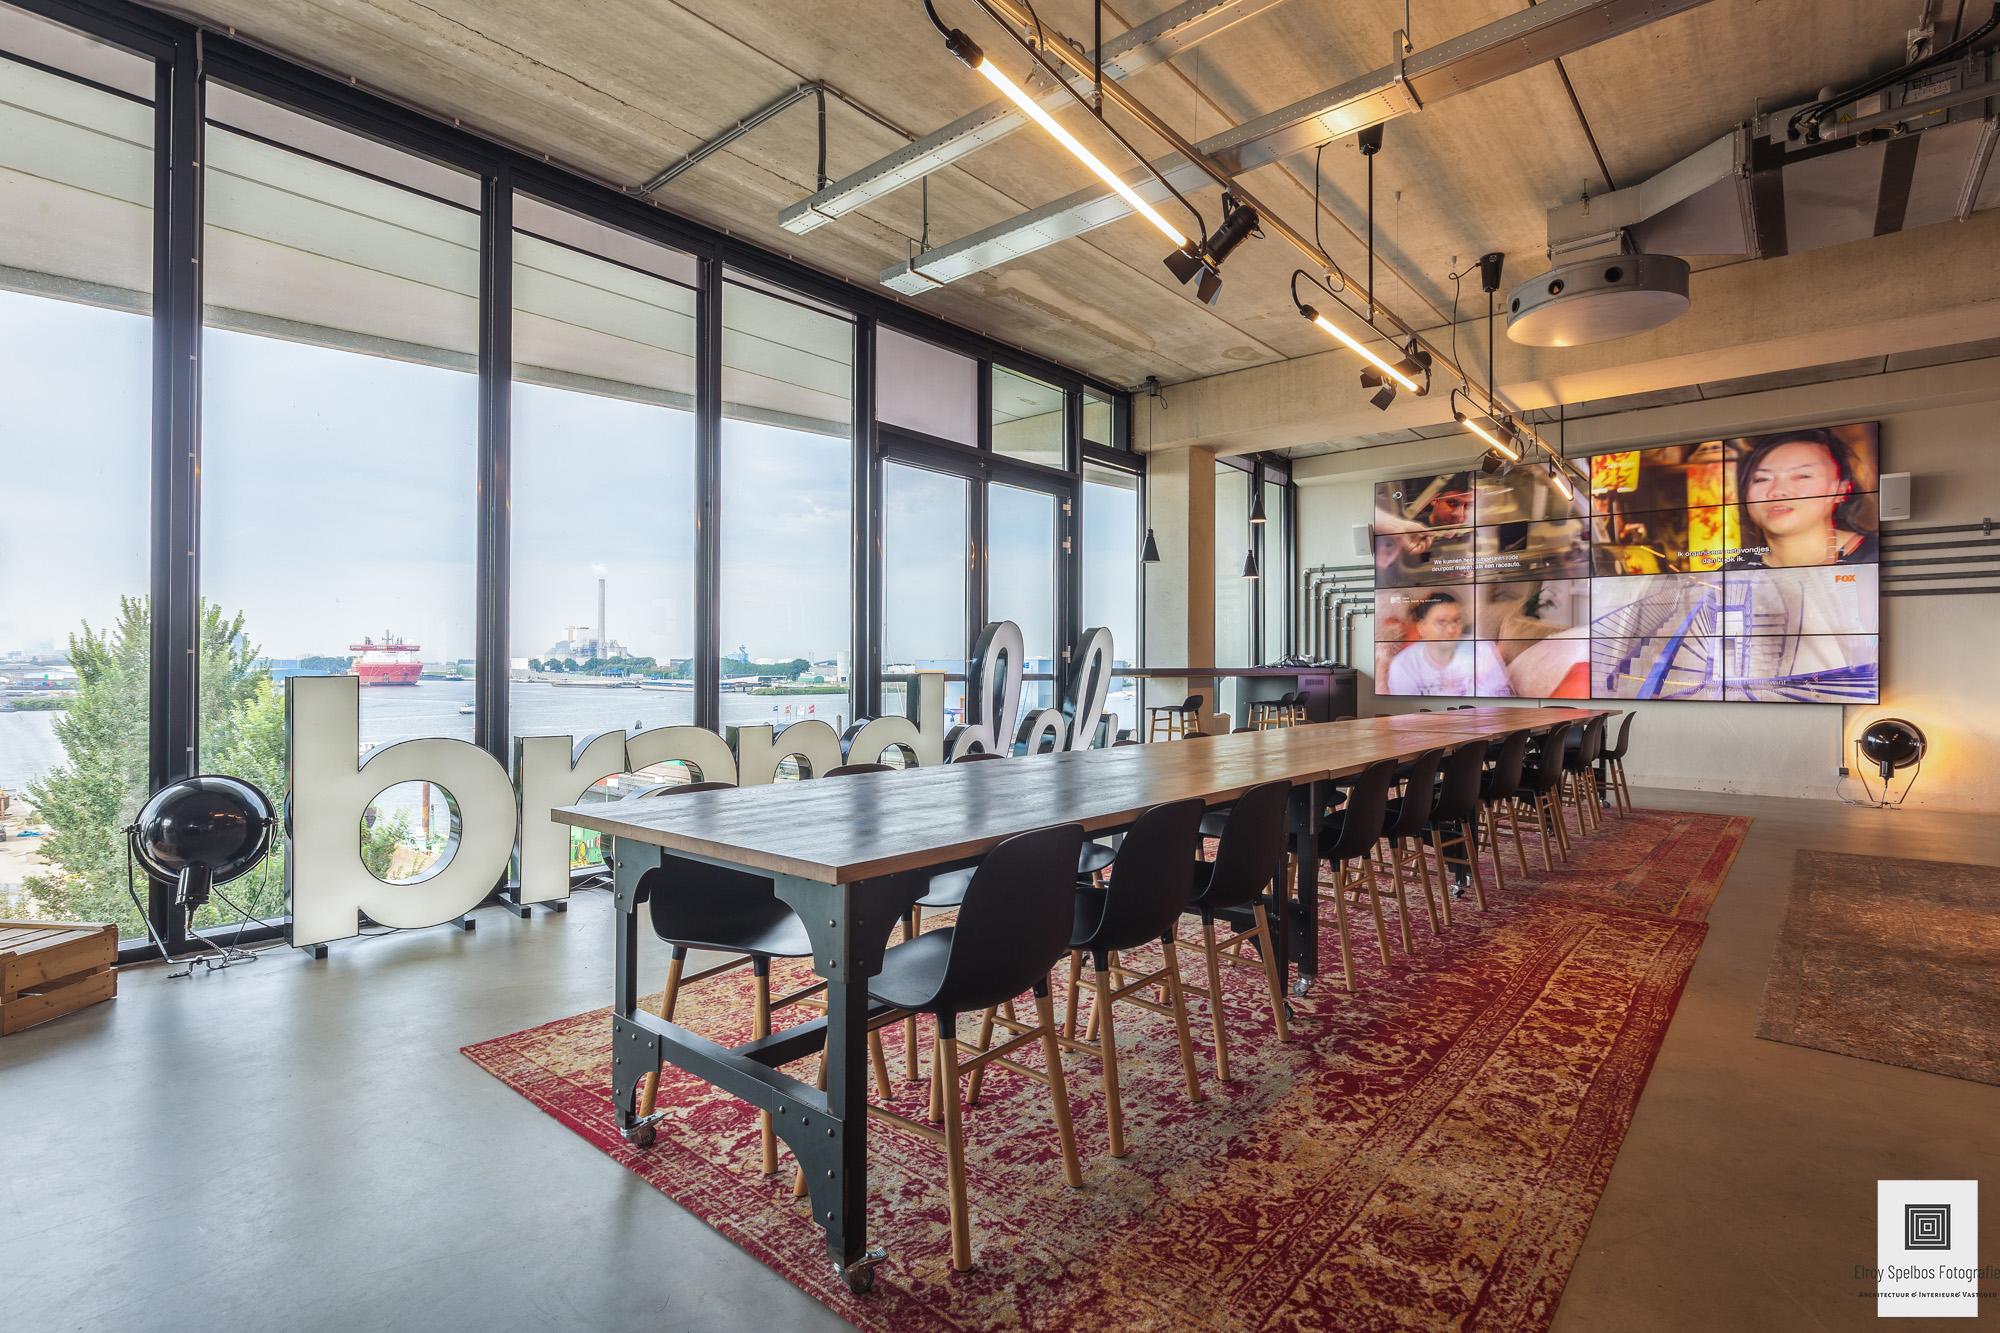 Lange eettafel in het kantoorpand van Branddeli Amsterdam